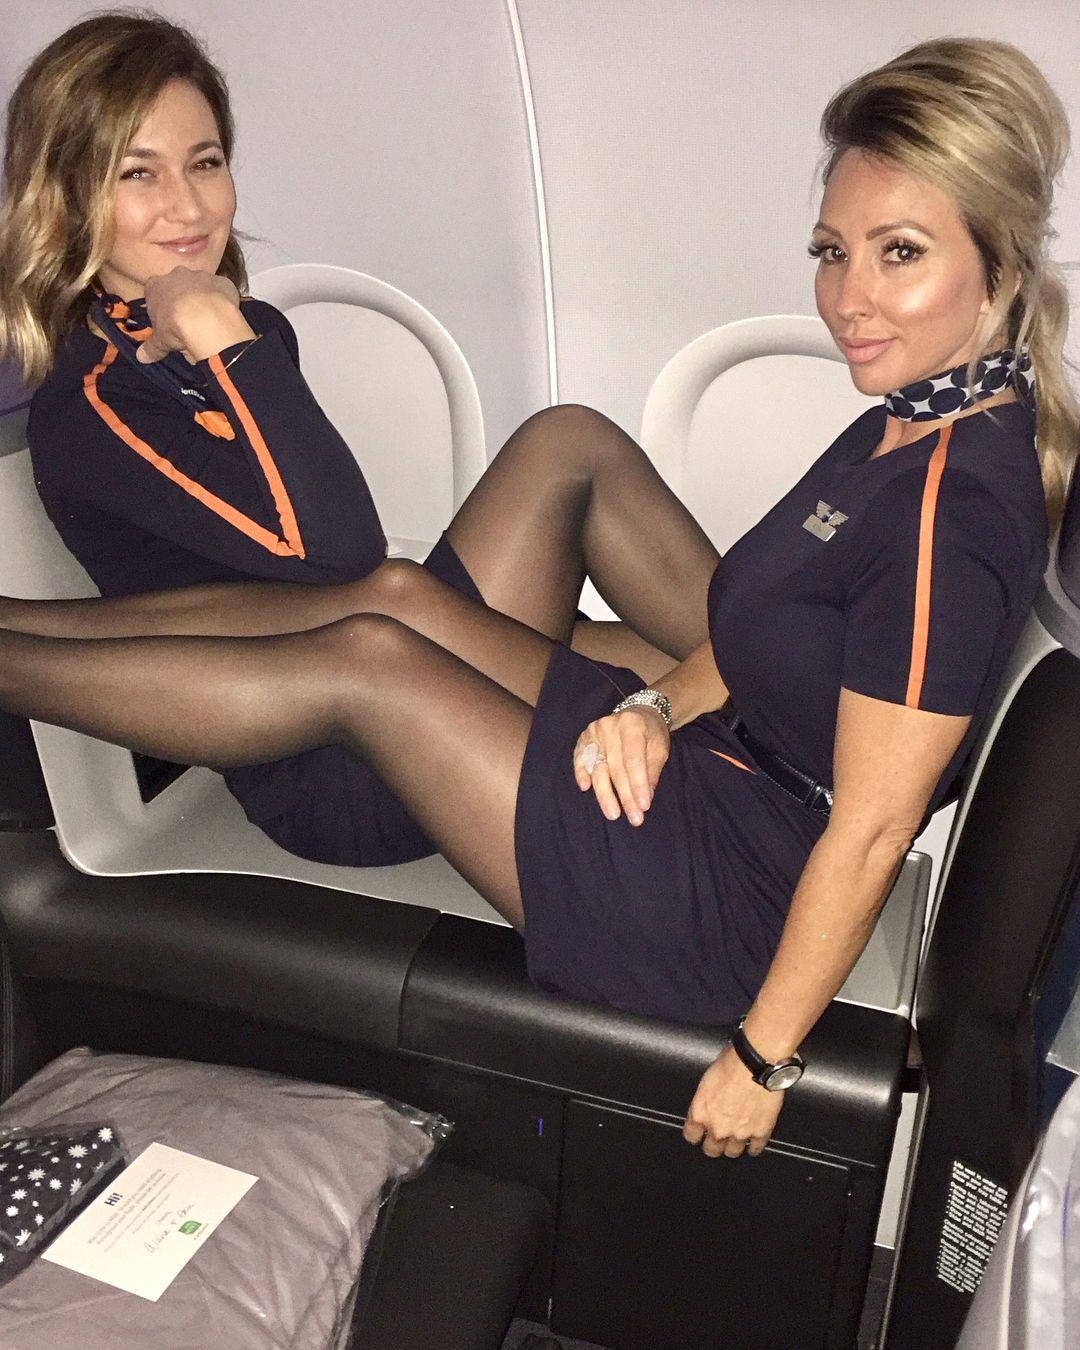 Lesbian stewardess videos-5792